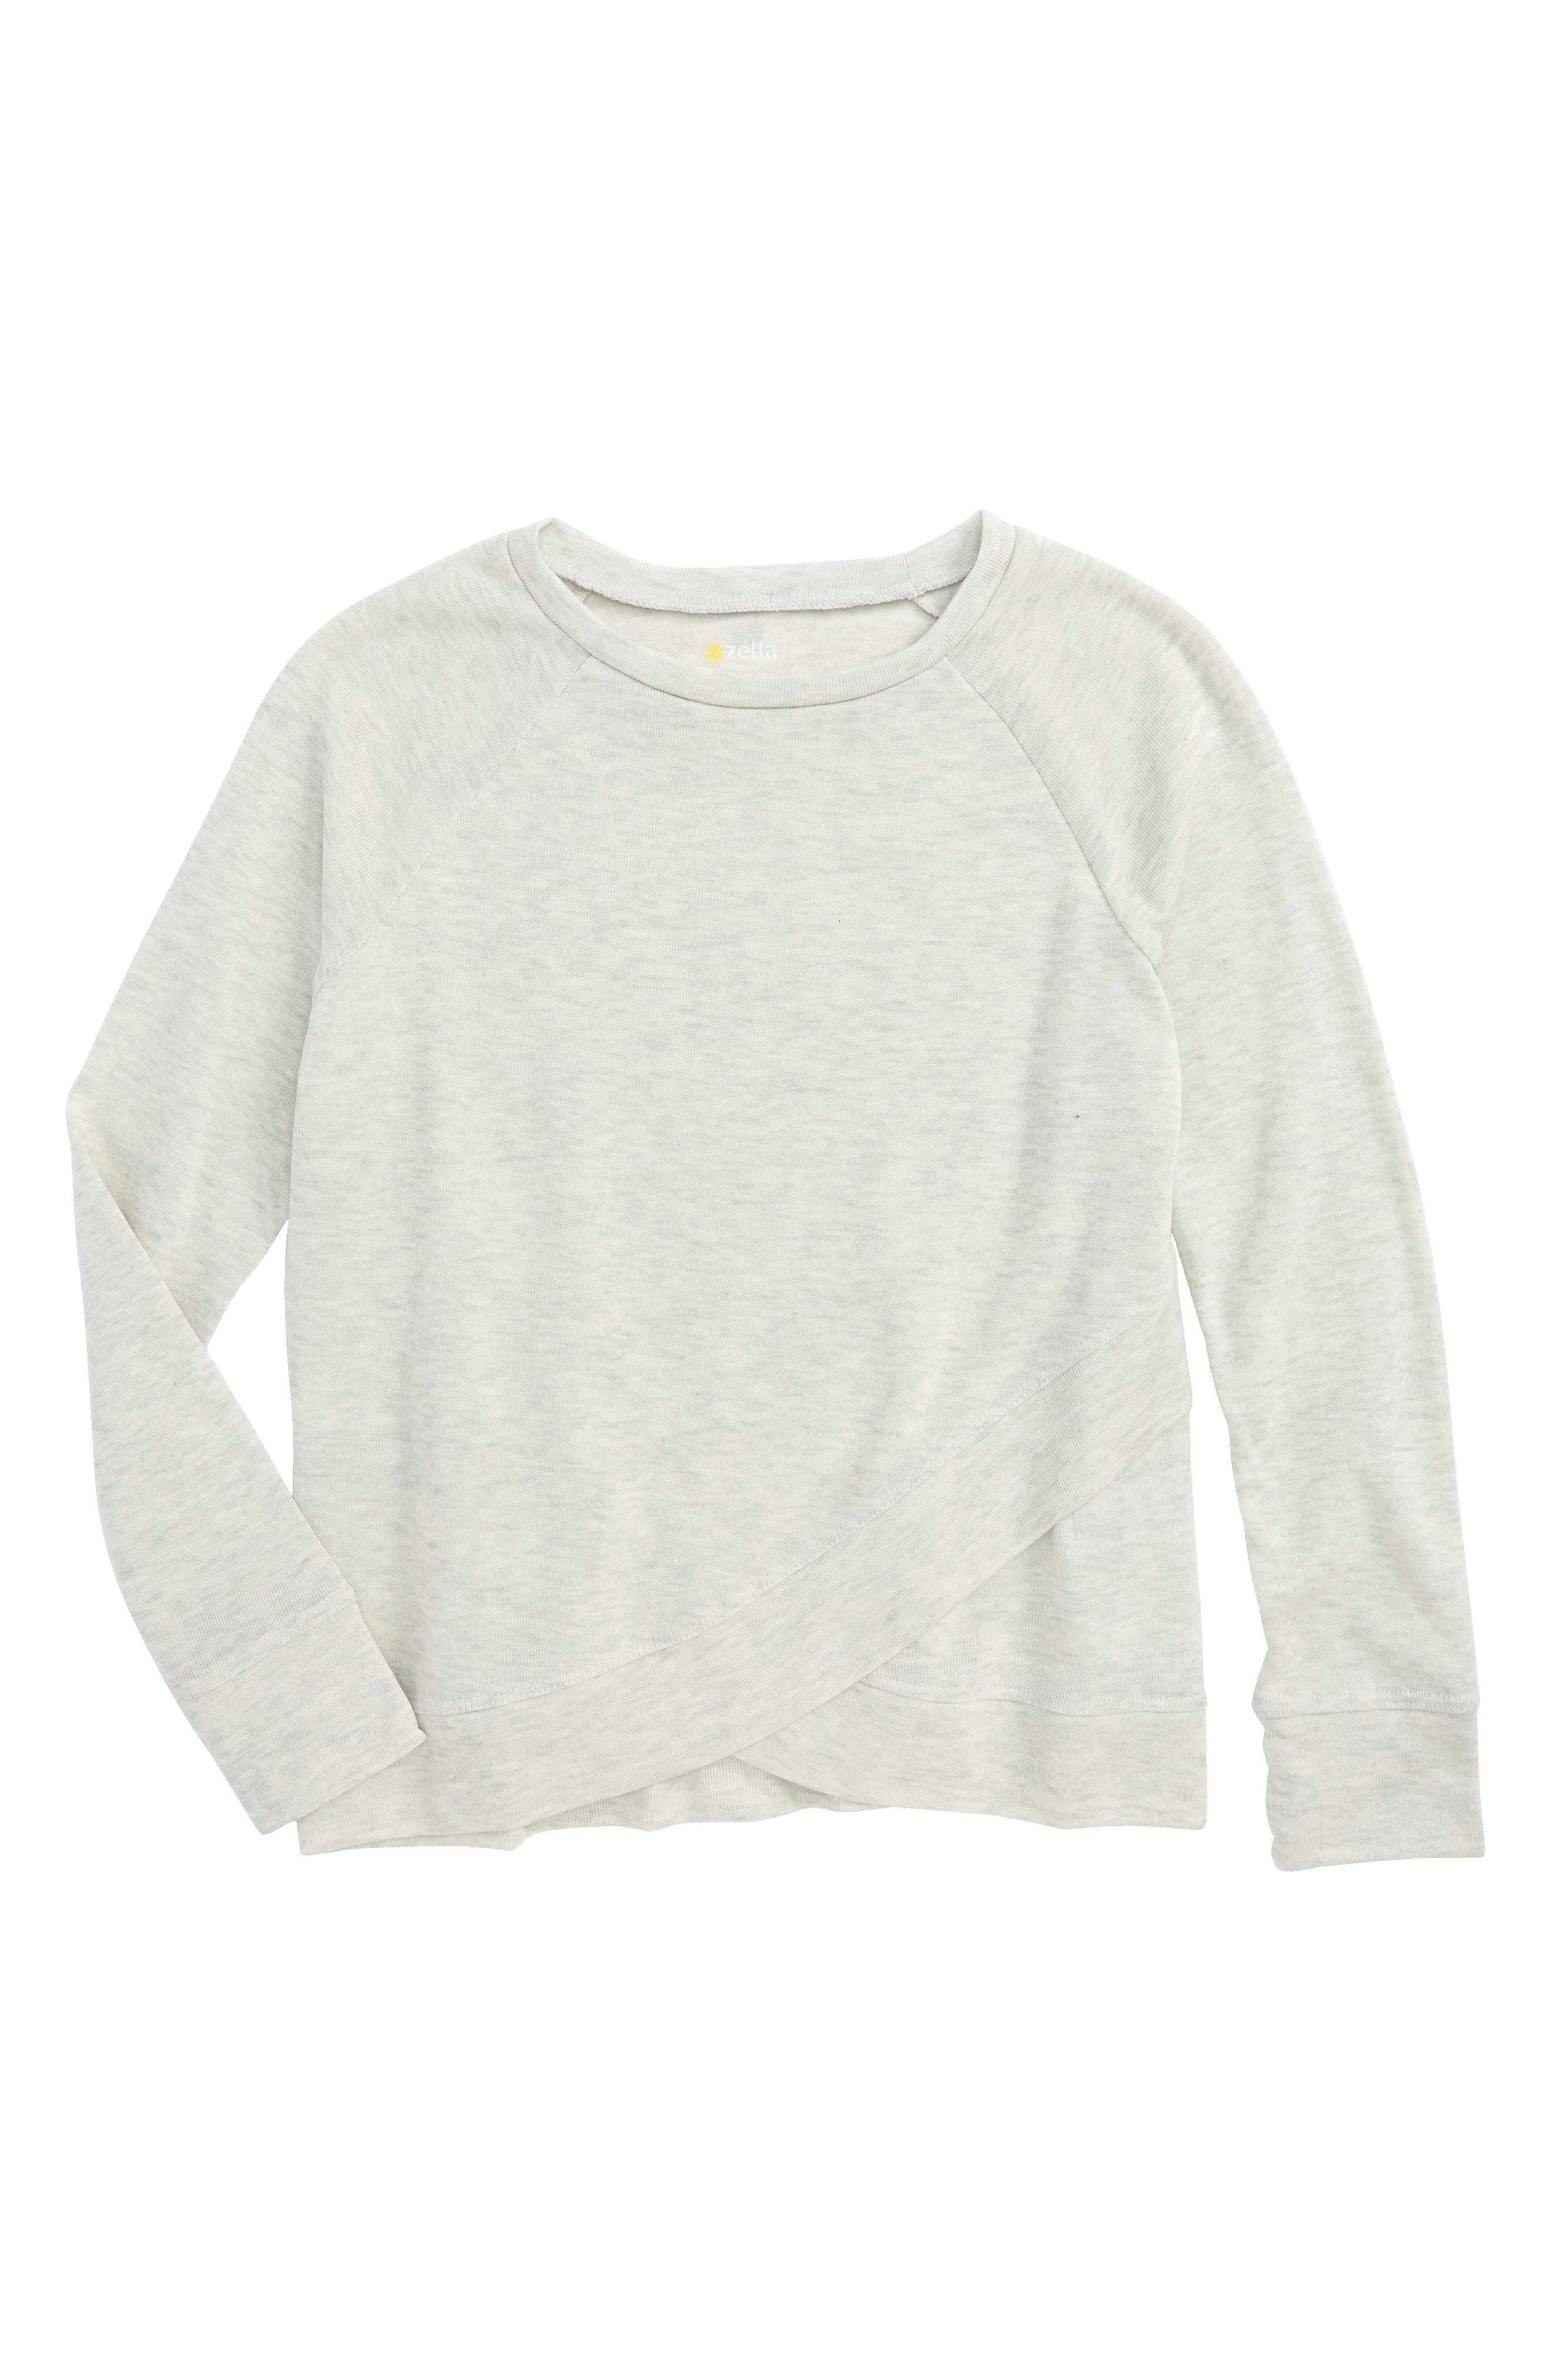 Zella Girl Petal Sweatshirt (Little Girls & Big Girls)